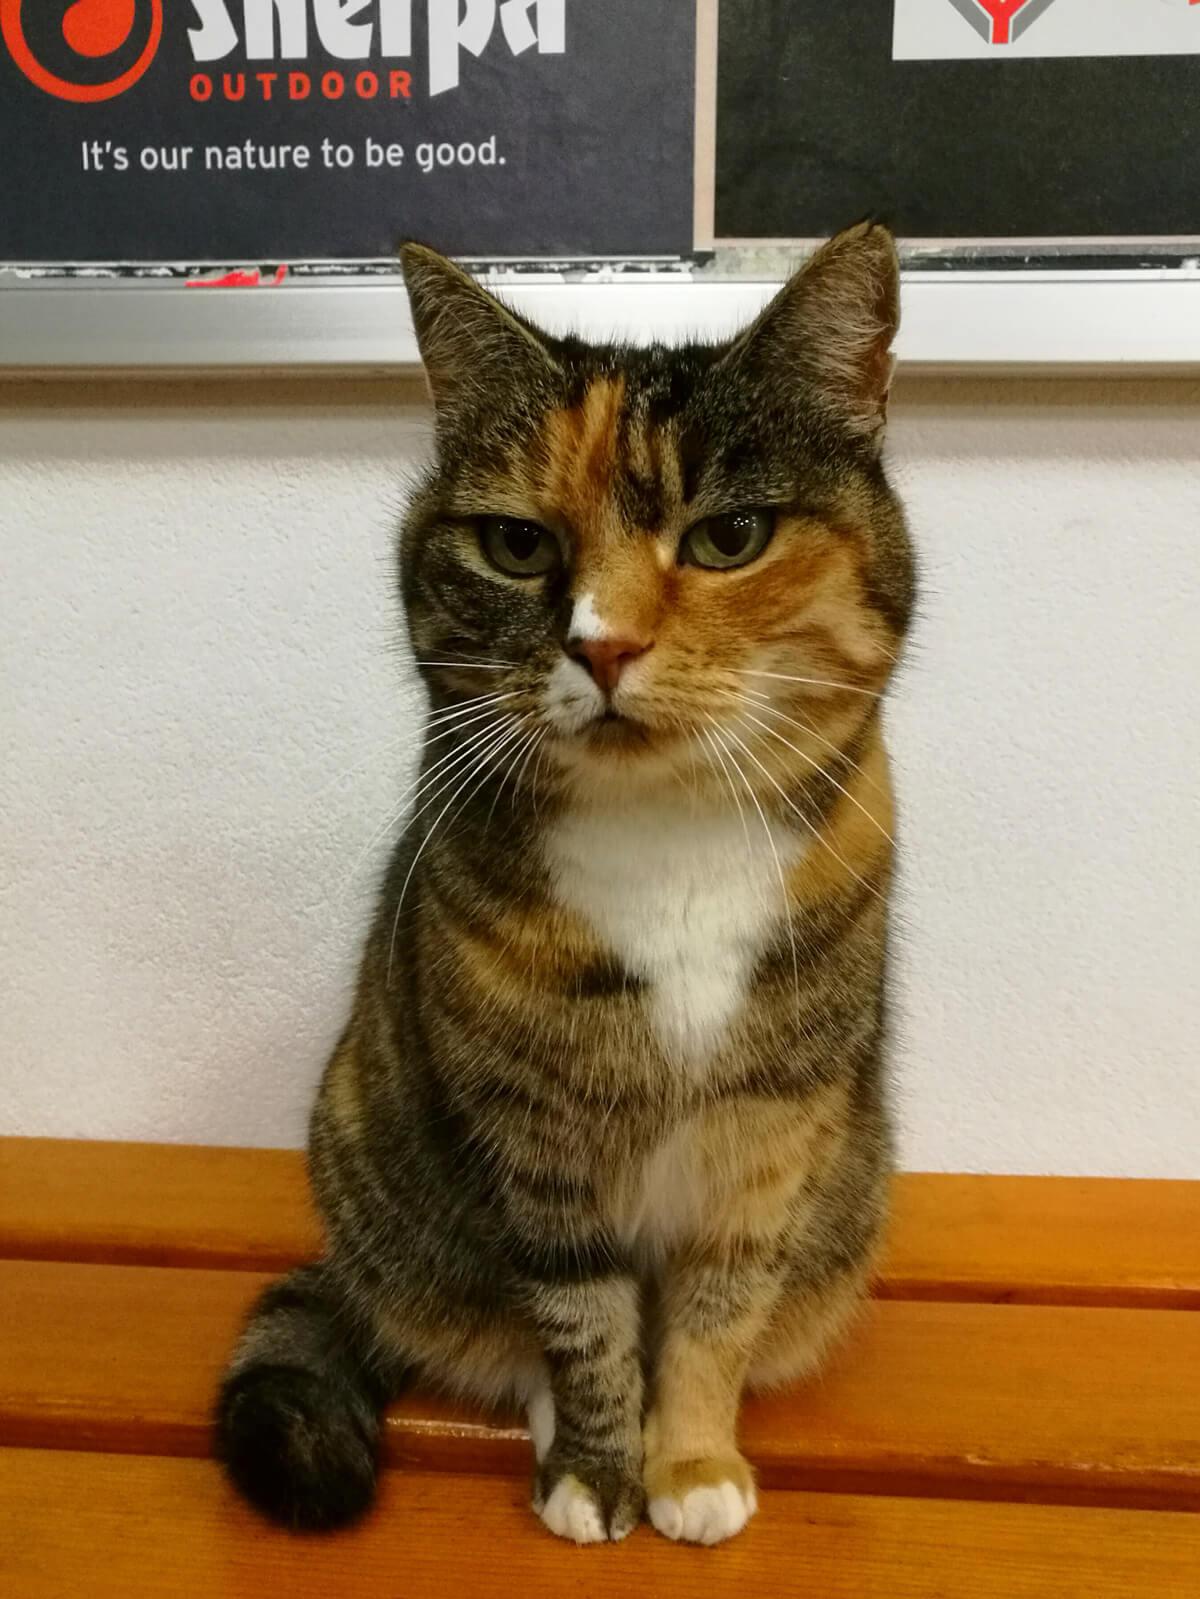 Swiss Outdoor Cat